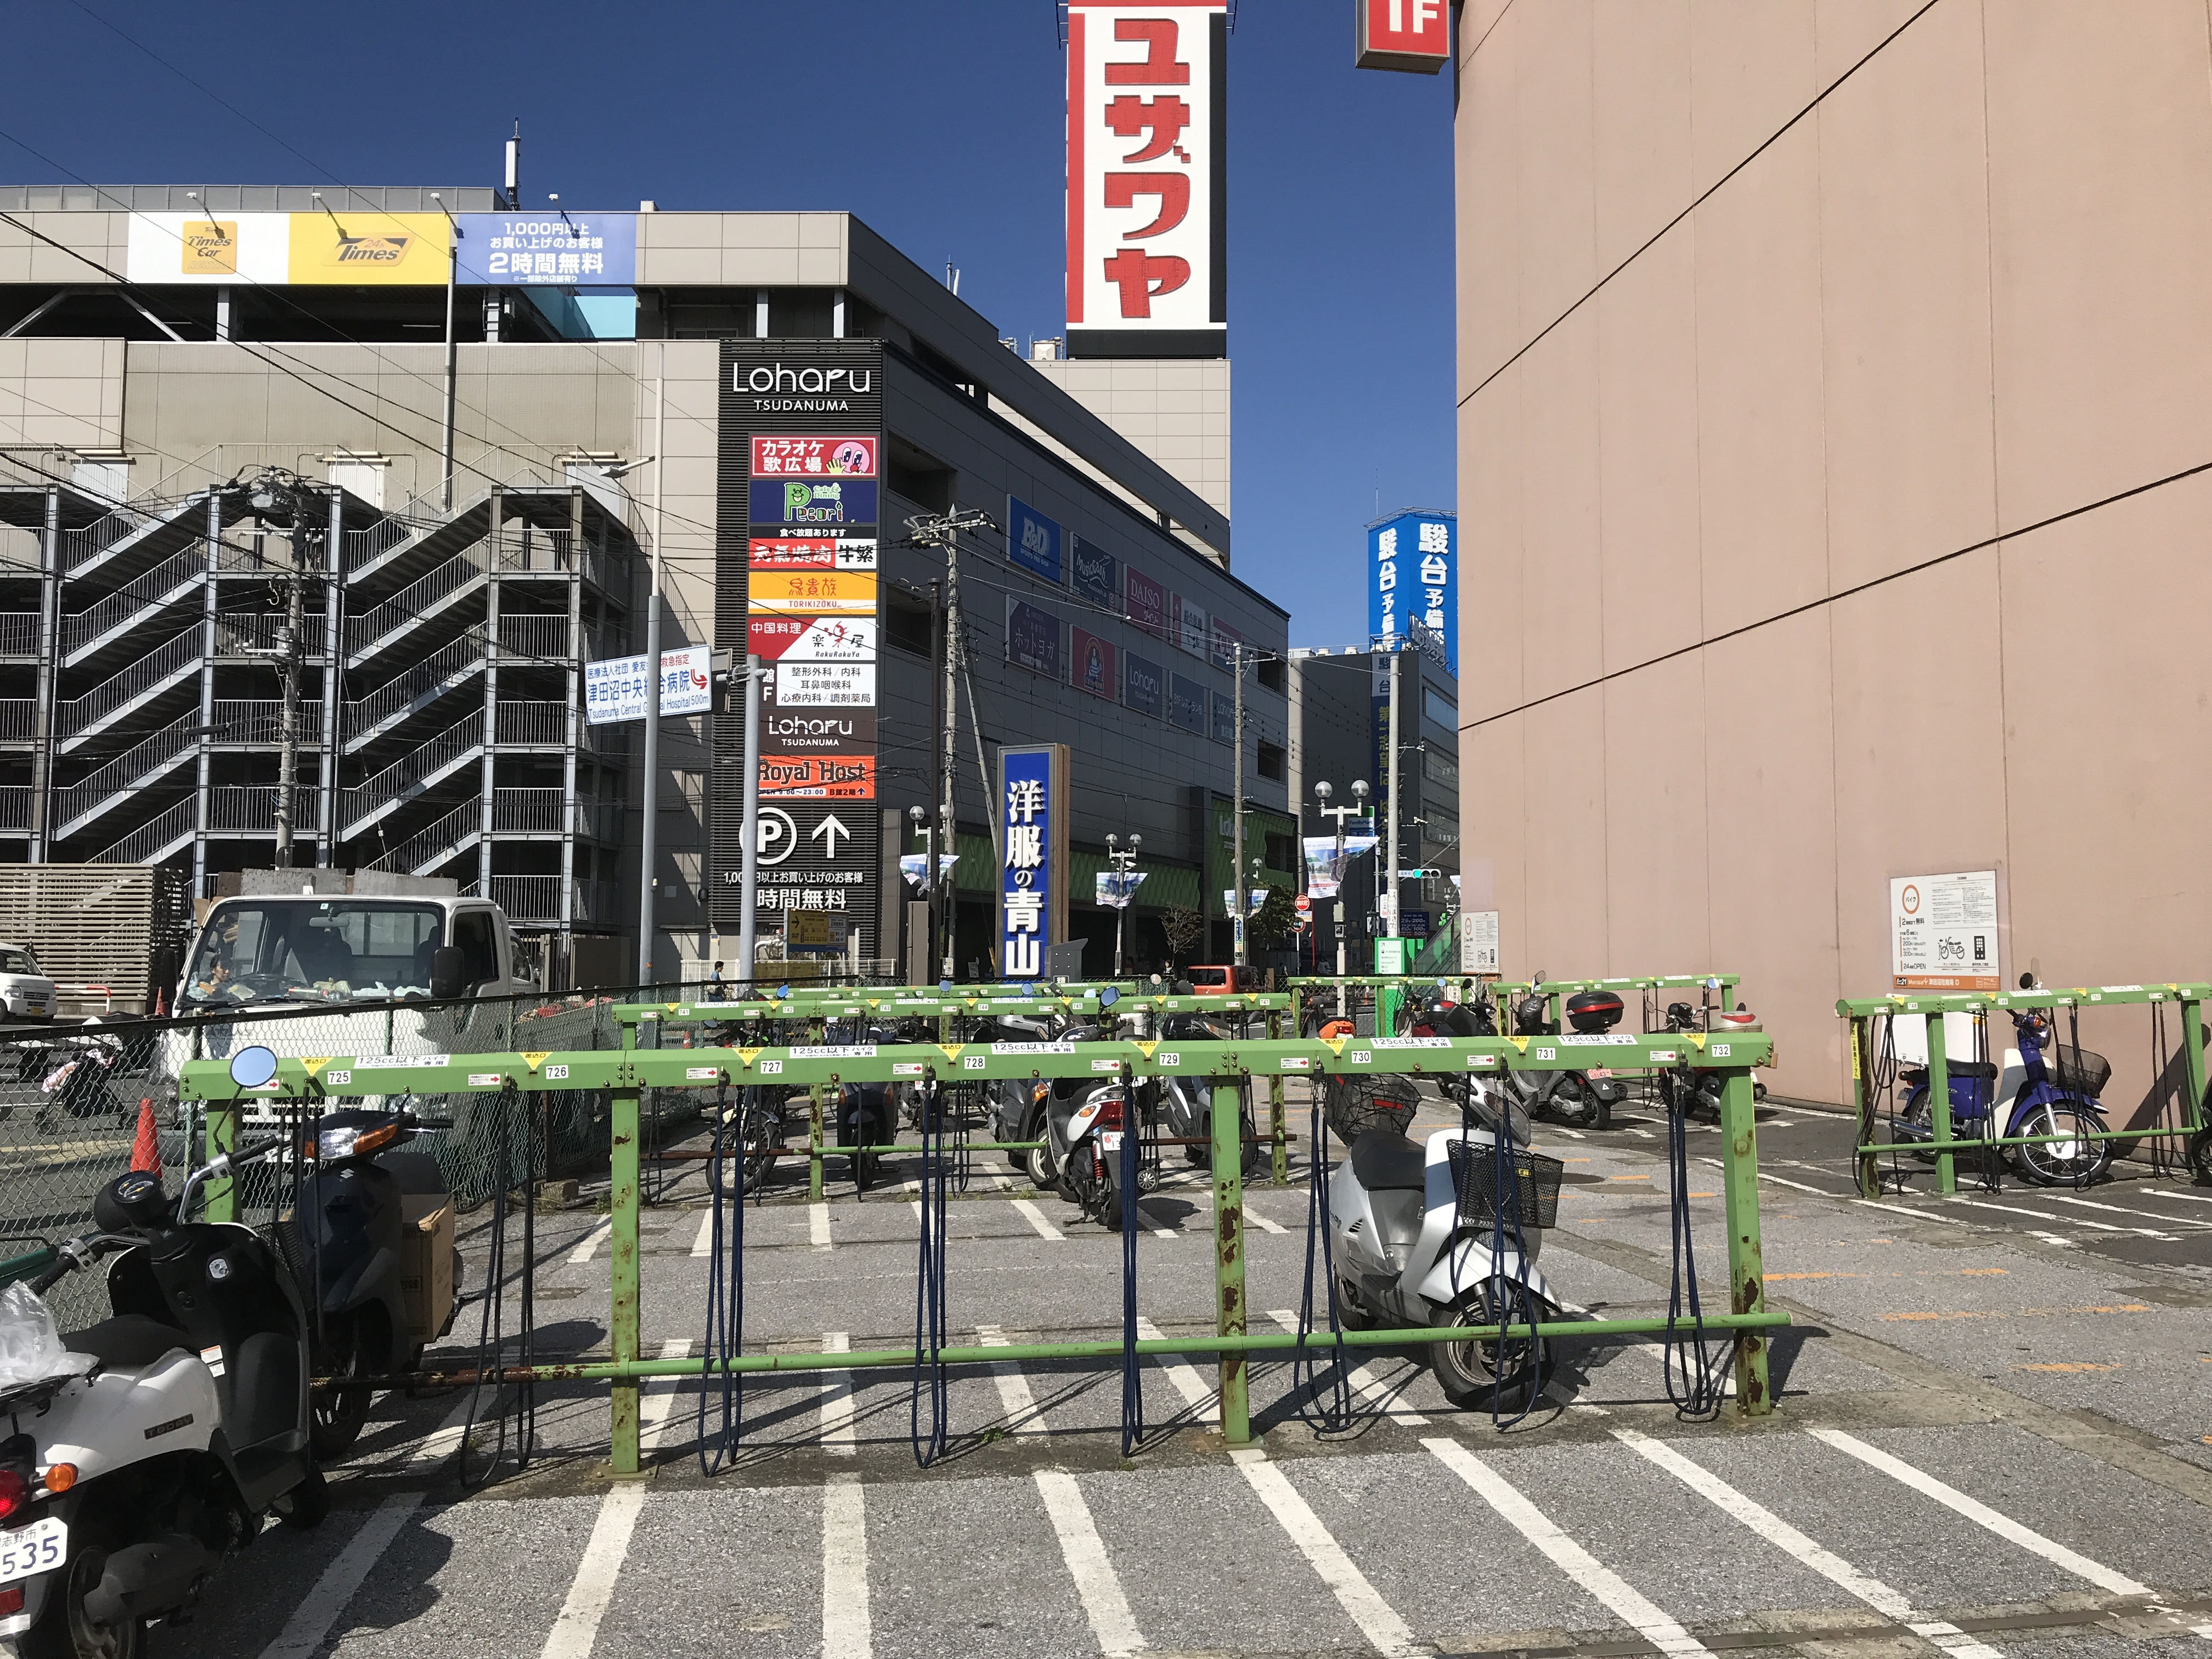 【公式】レンタルバイクのベストBike® [千葉県]津田沼駅前 - セルフ